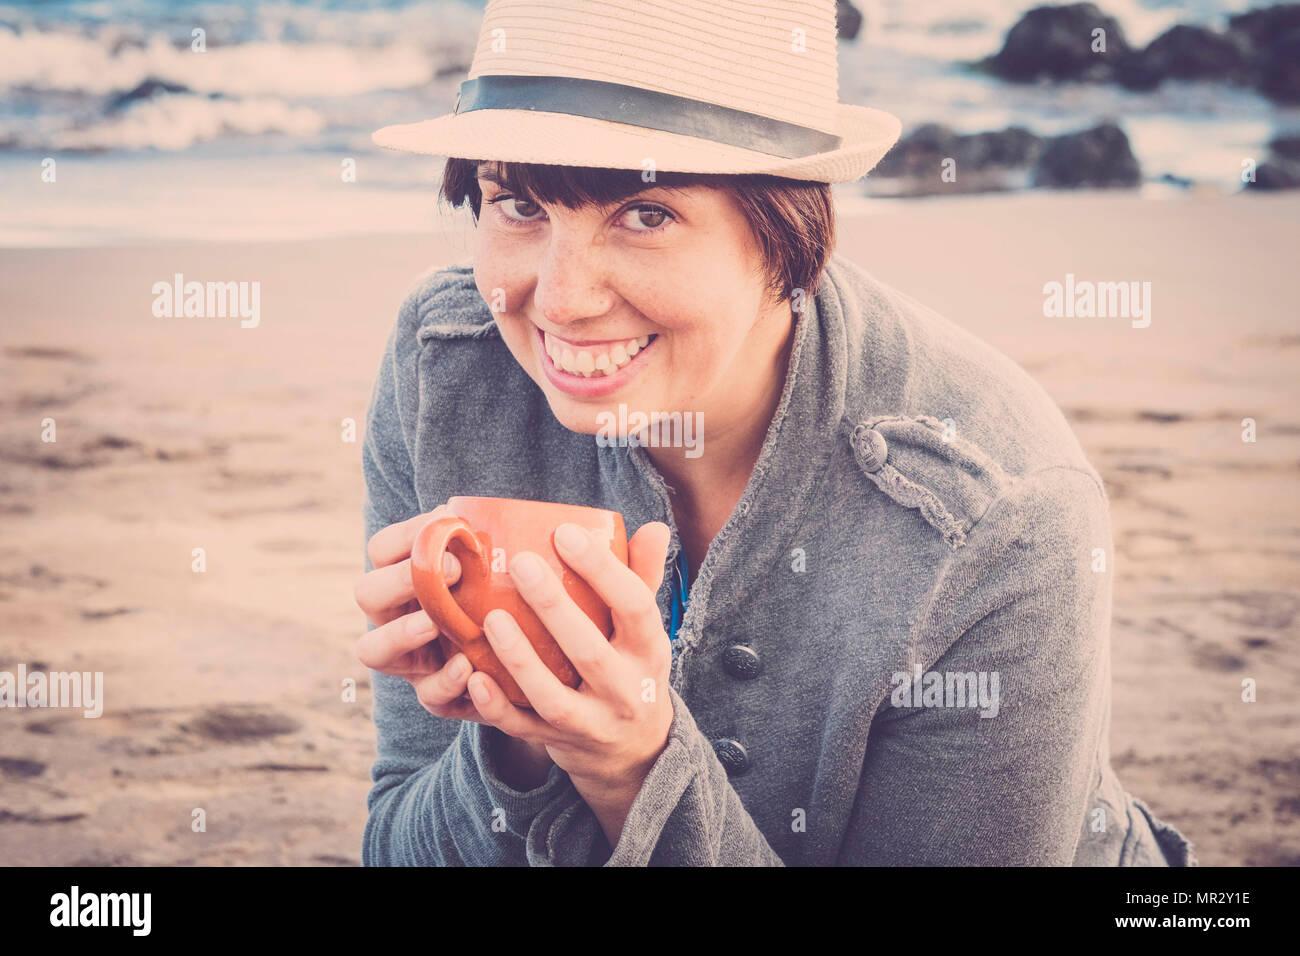 Bella sorridente giovane donna sedersi sulla spiaggia con vista oceano in background. bevendo una tazza di tè o caffè per attività di svago relalxed e collegato Immagini Stock